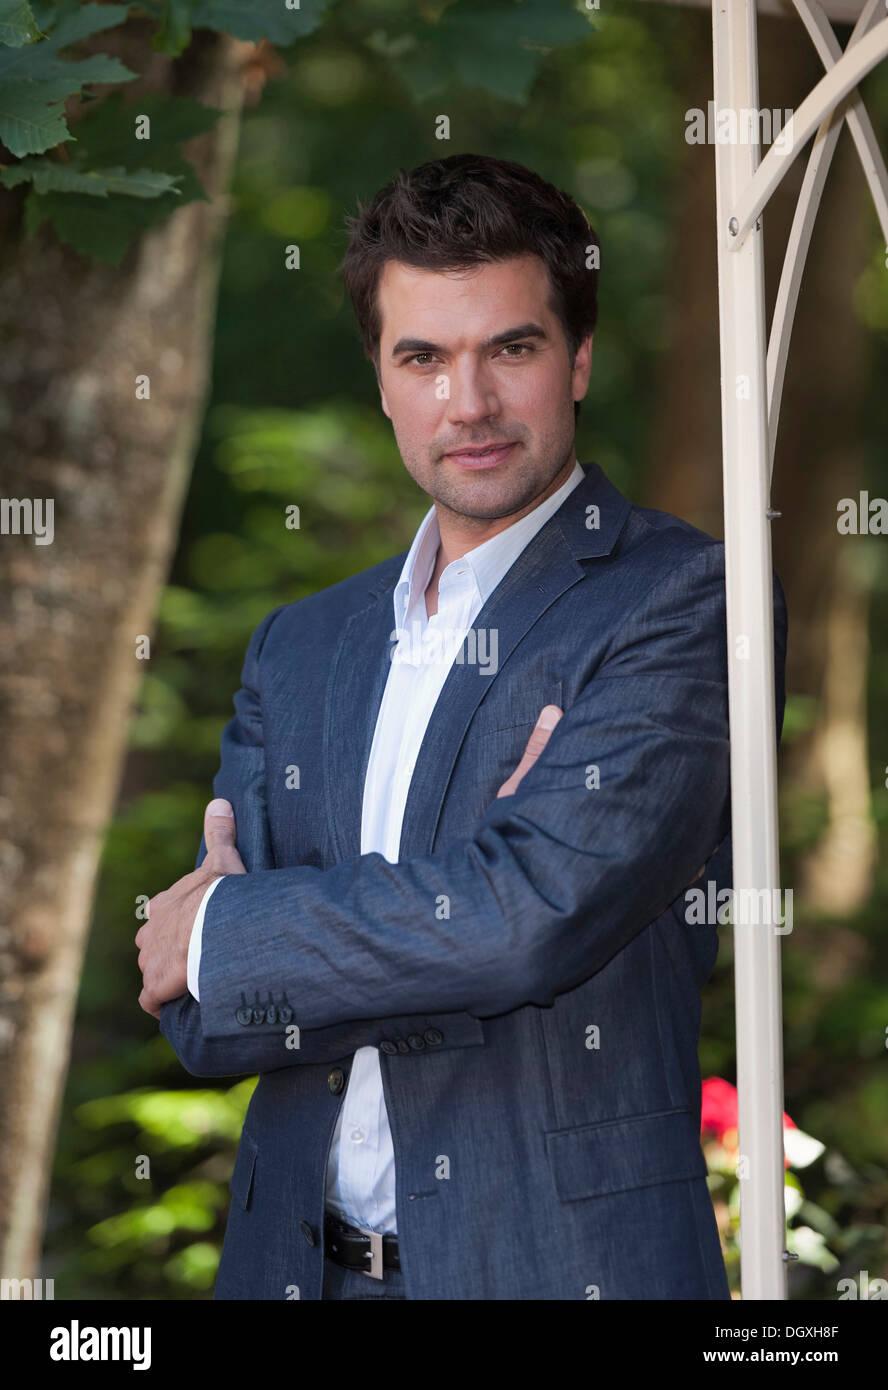 """Schauspieler Moritz Tittel bei einem Foto-Shooting für die TV-Soap """"Sturm der Liebe"""" in München, Bayern Stockbild"""